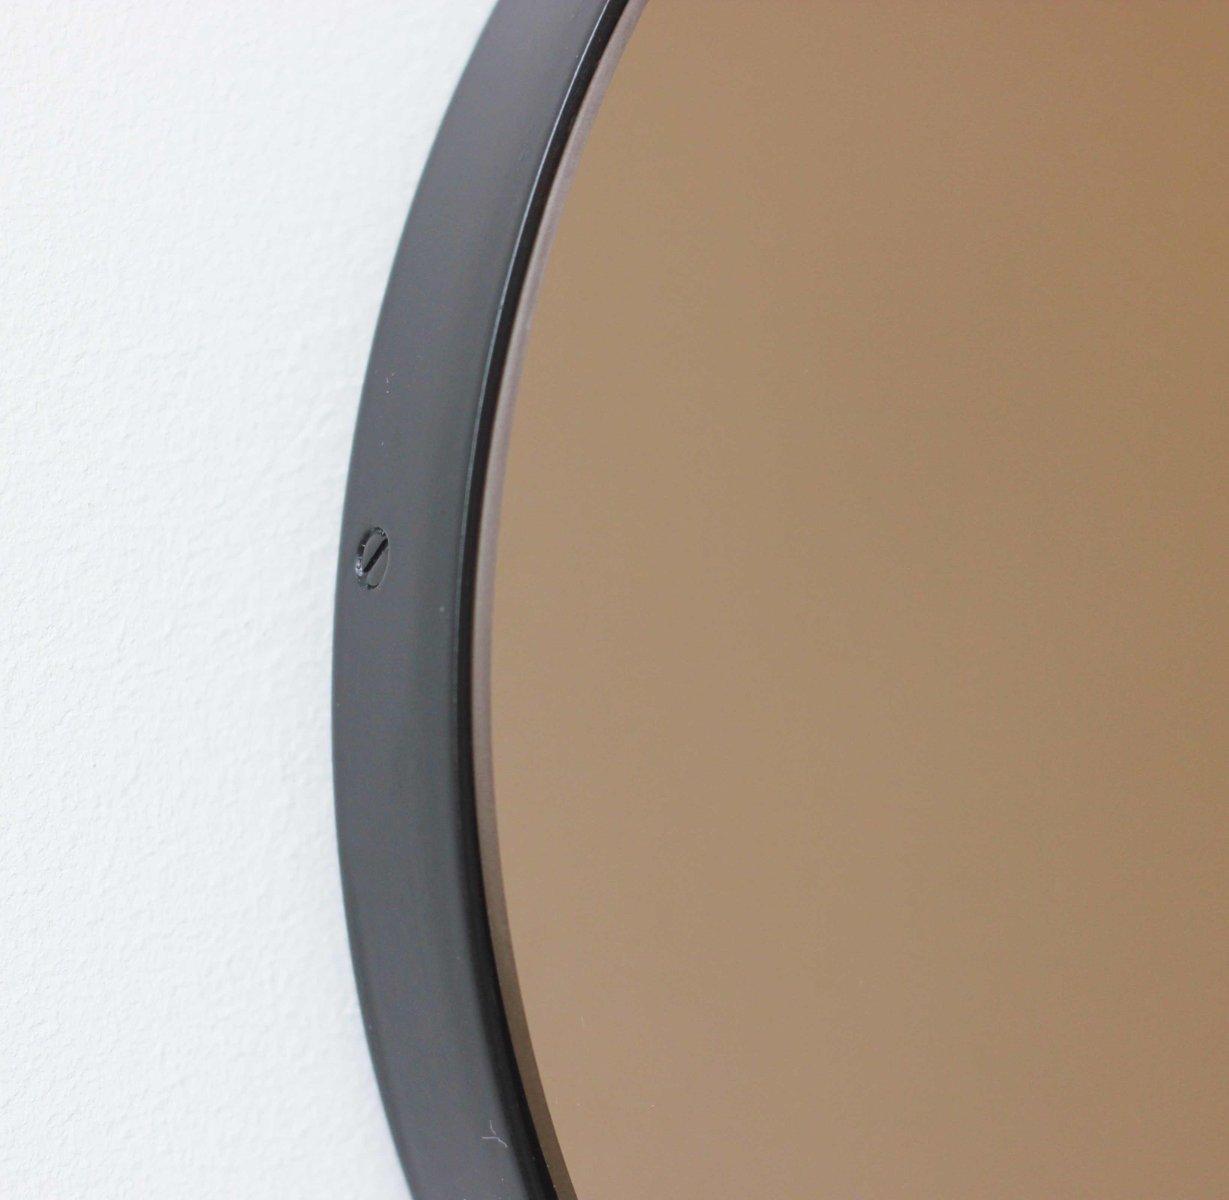 Miroir teint rond orbis avec cadre noir par alguacil perkoff ltd en vente sur pamono for Miroir teinte design